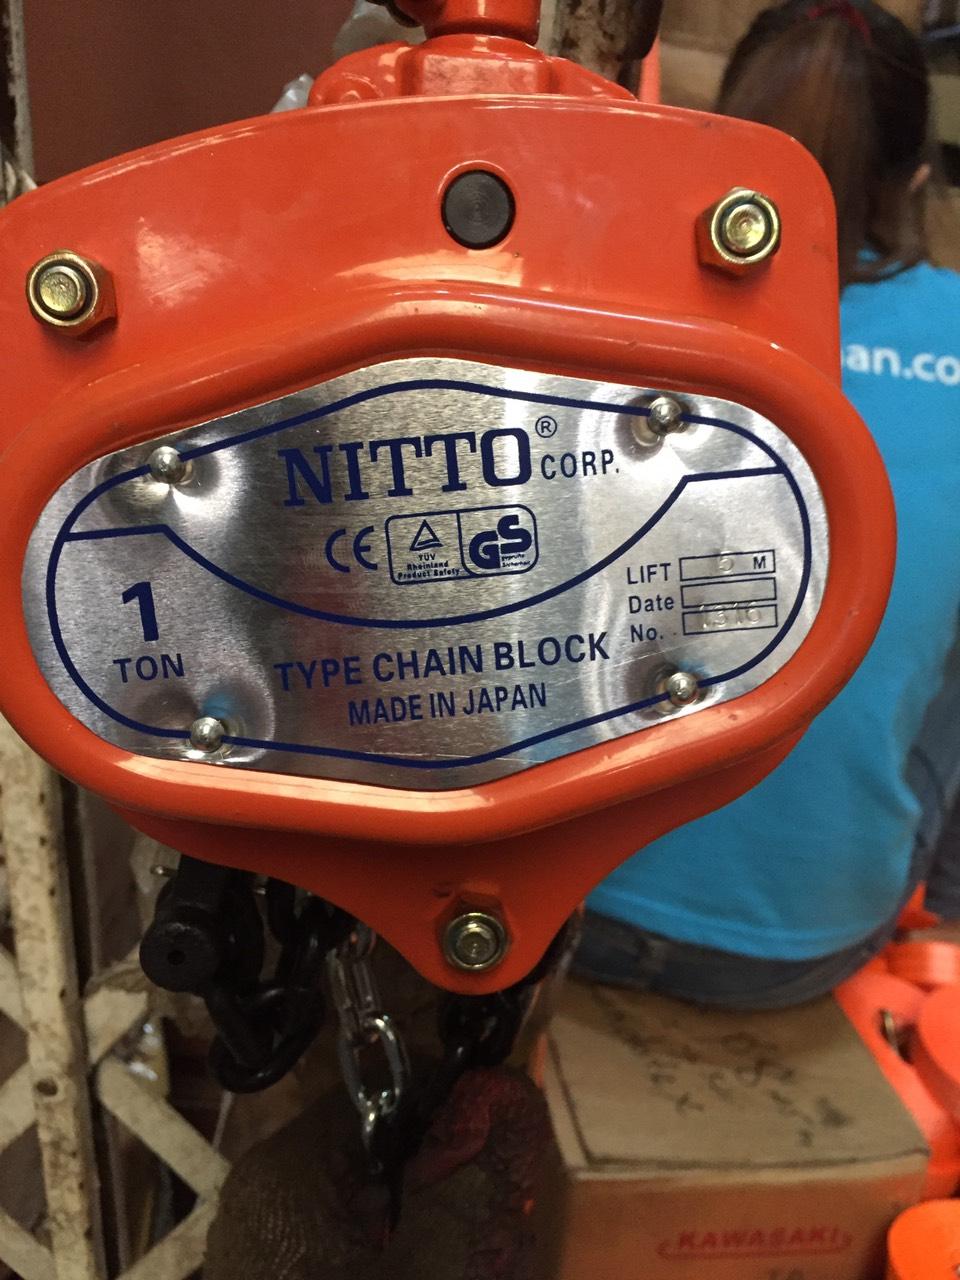 Pa lăng 1 tấn Nitto Nhật Bản